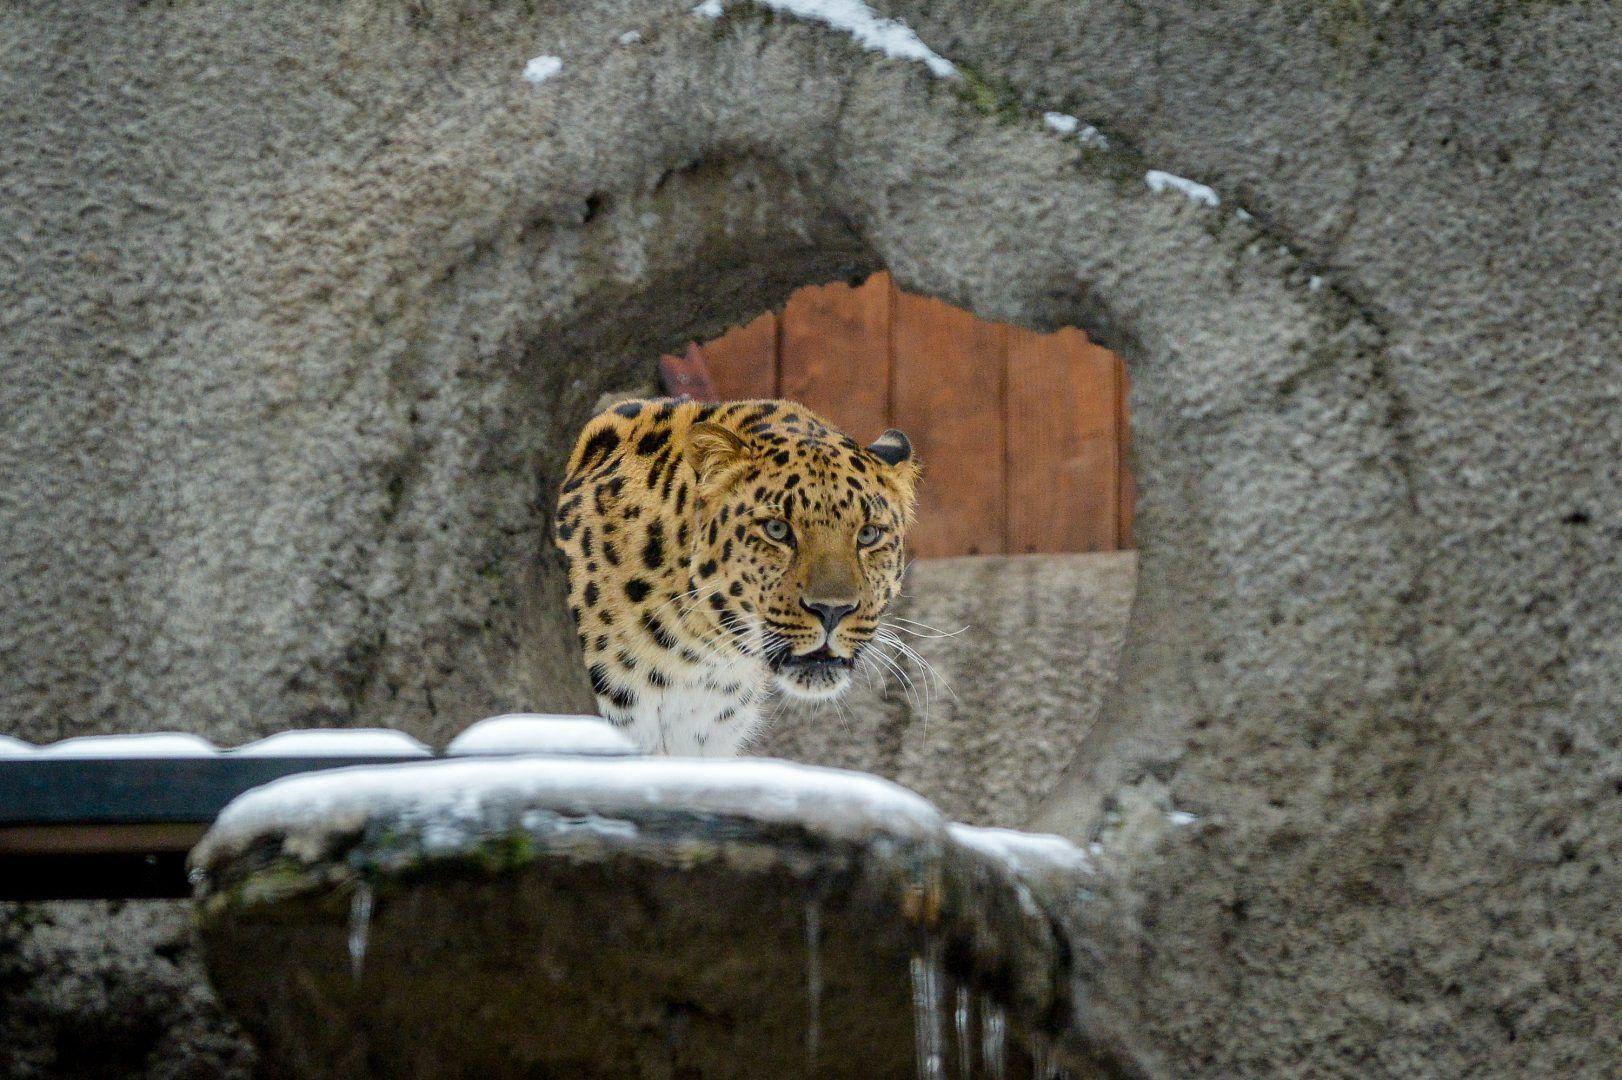 Понаблюдать за леопардом лучше всего после заката солнца. Фото: Александр Казаков